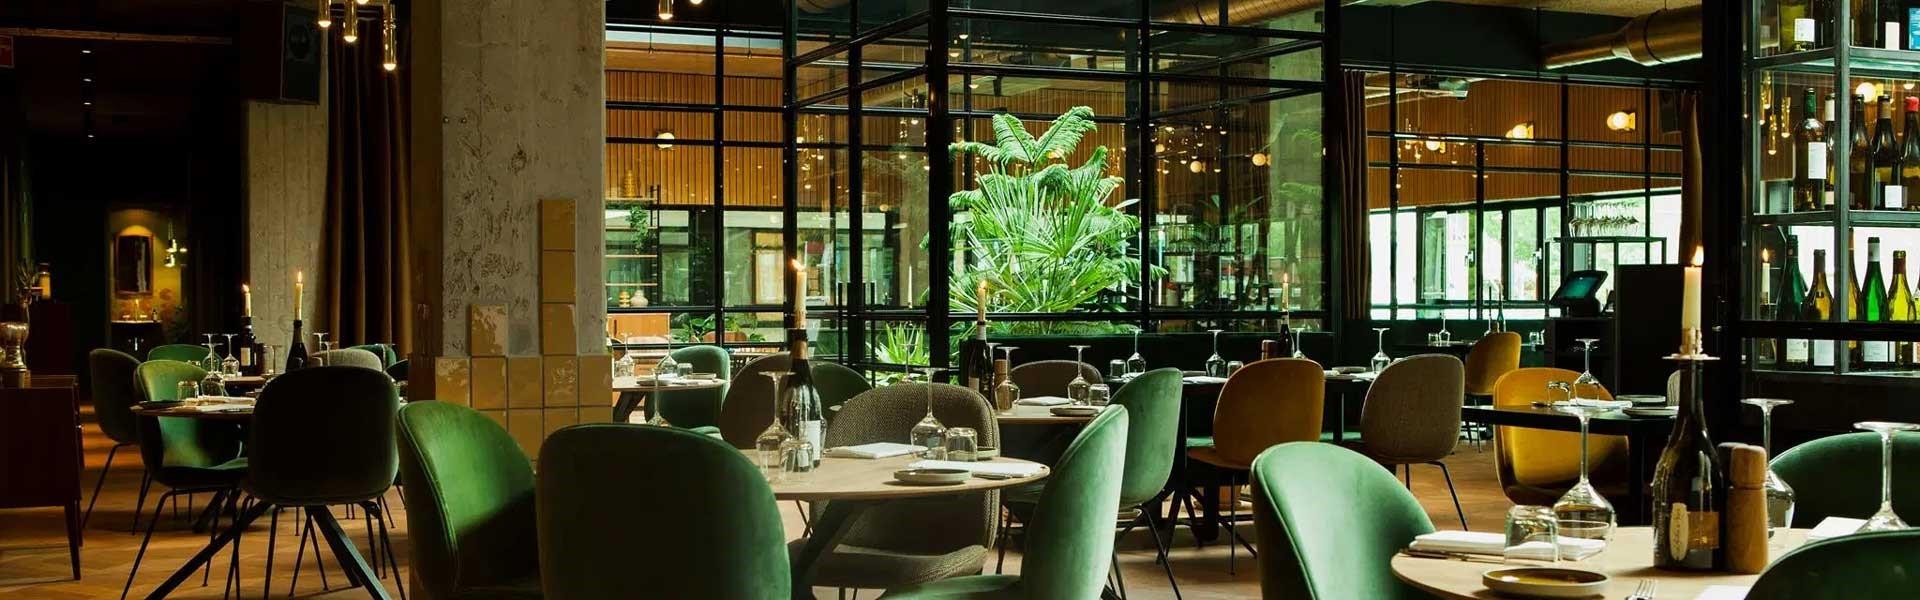 https://www.perfotube.nl/write/Afbeeldingen1/Header images/Restaurants-en-Cafes-1920x600.jpg?preset=content